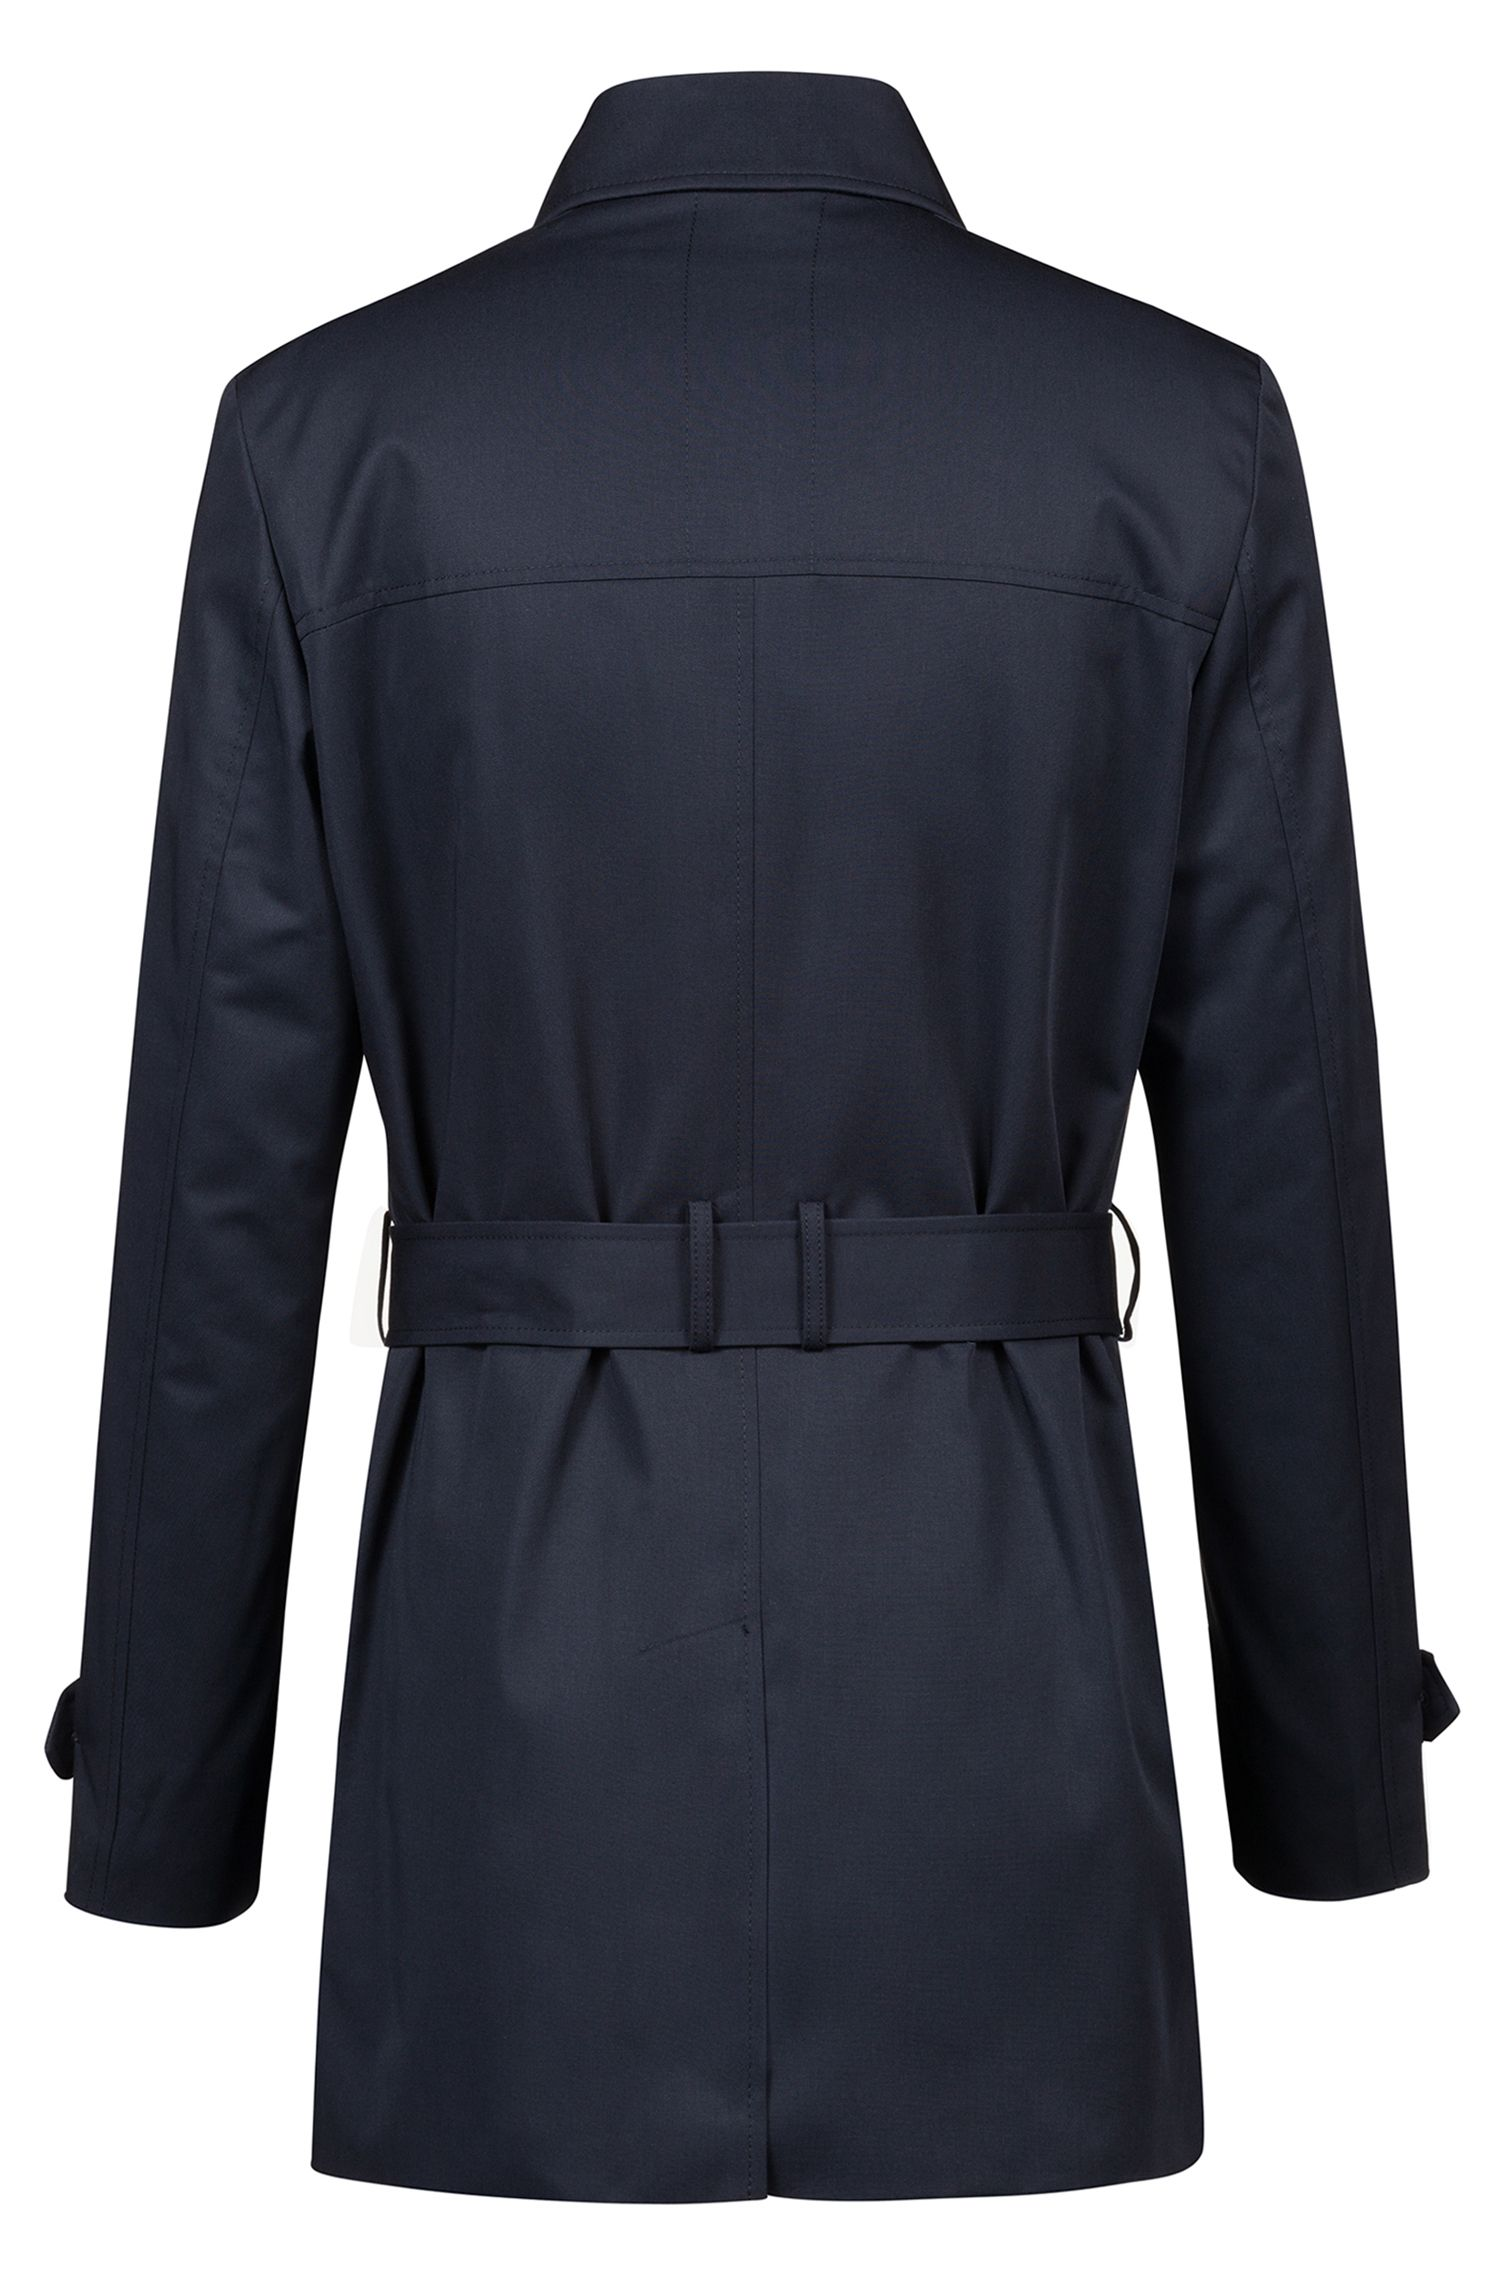 Trench-coat Slim Fit en tissu technique imperméable, Bleu foncé